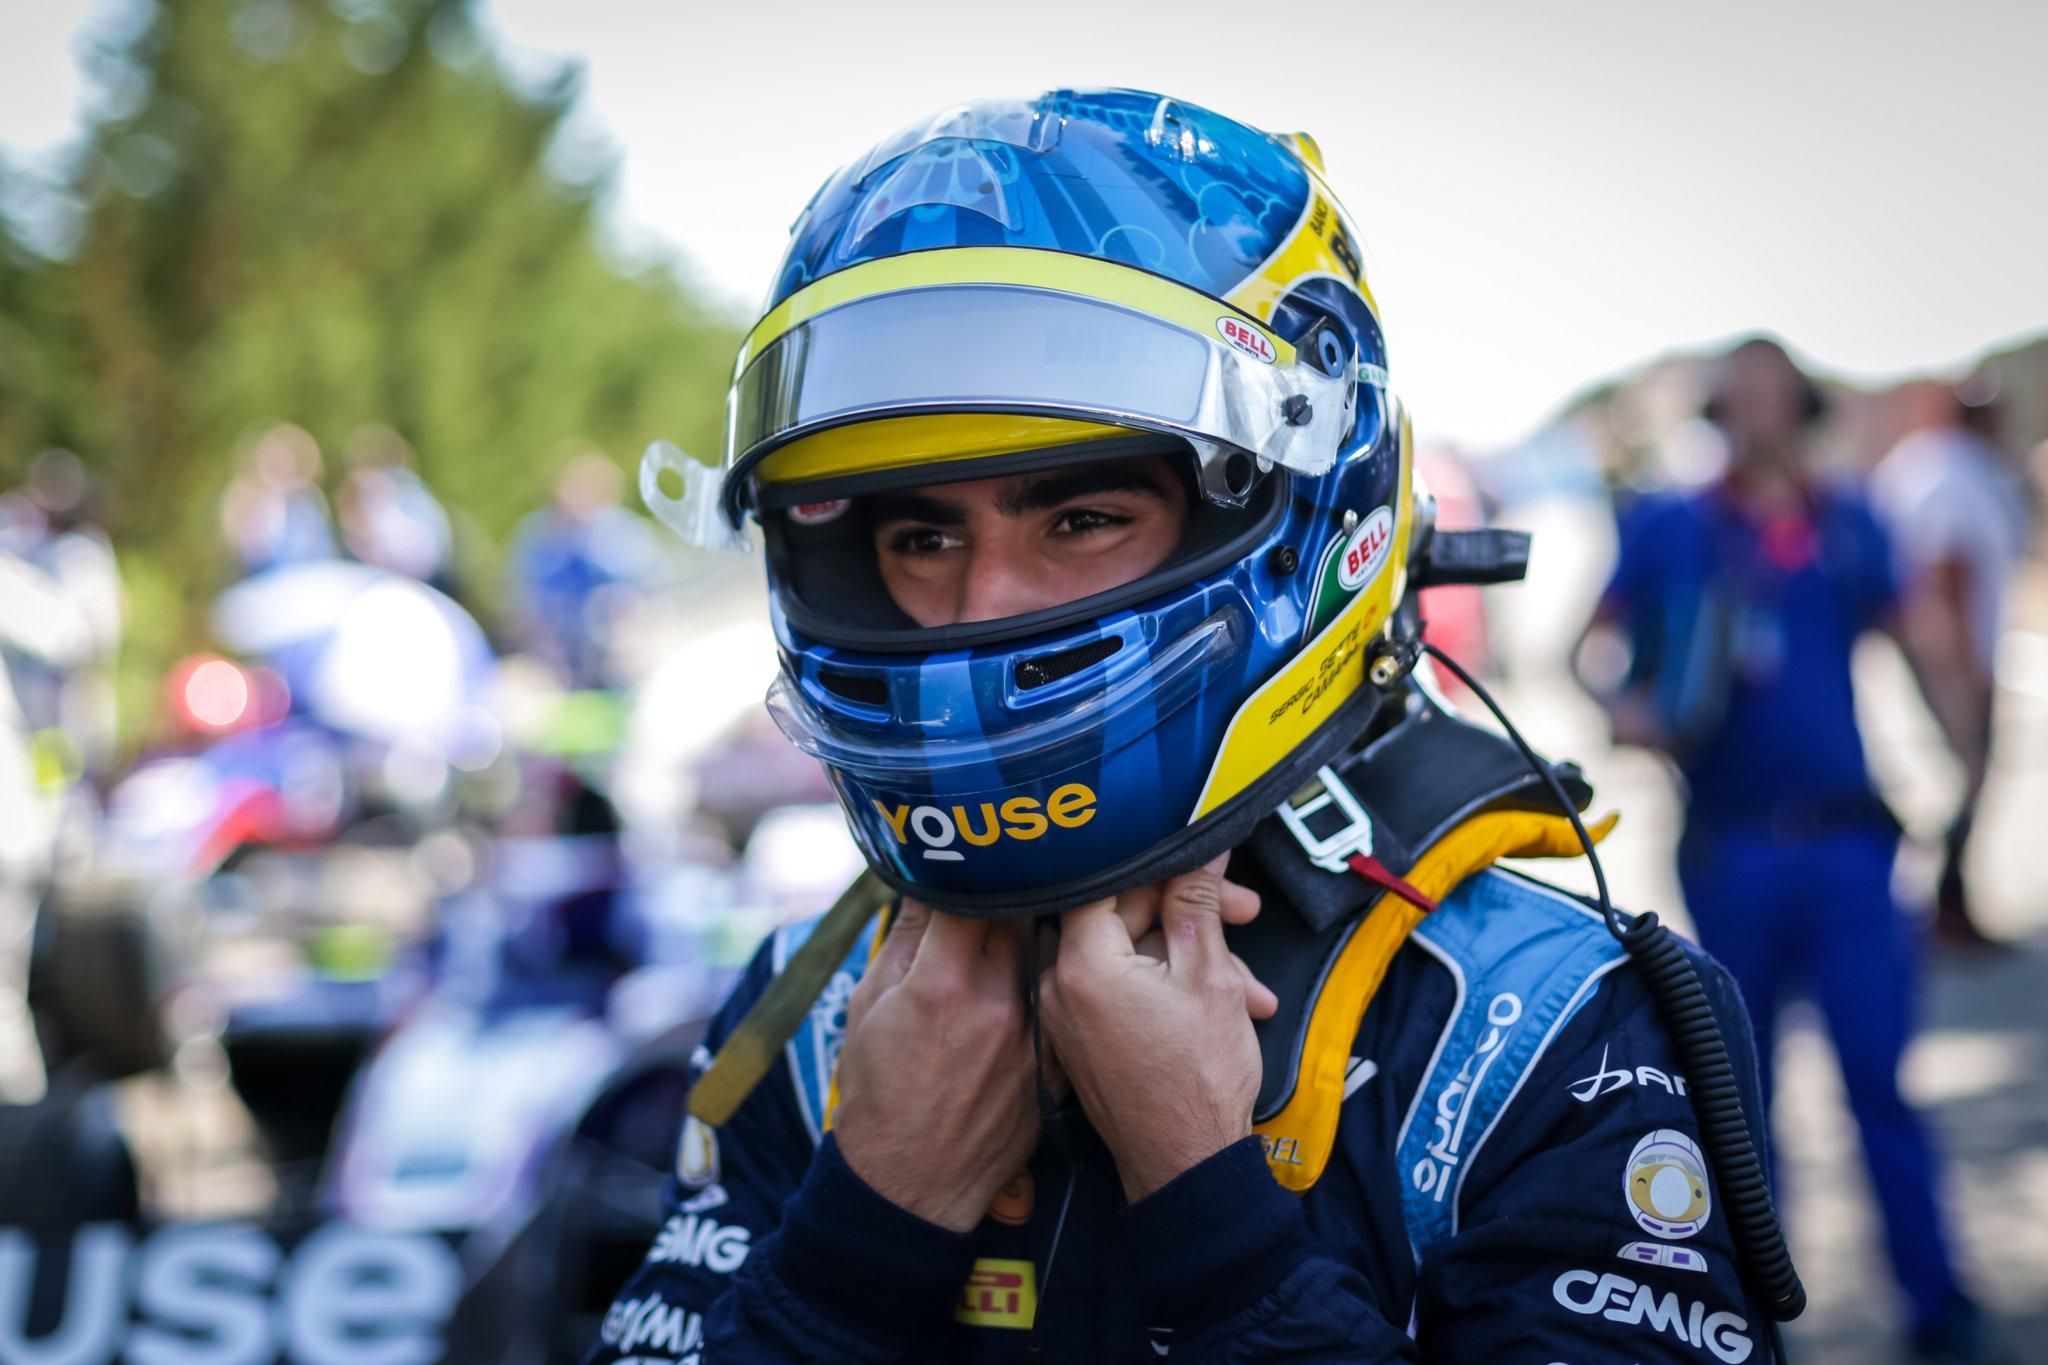 Камара завоевал первое место в заключительной квалификации «Формулы-2» 2019 года, Маркелов — 14-й